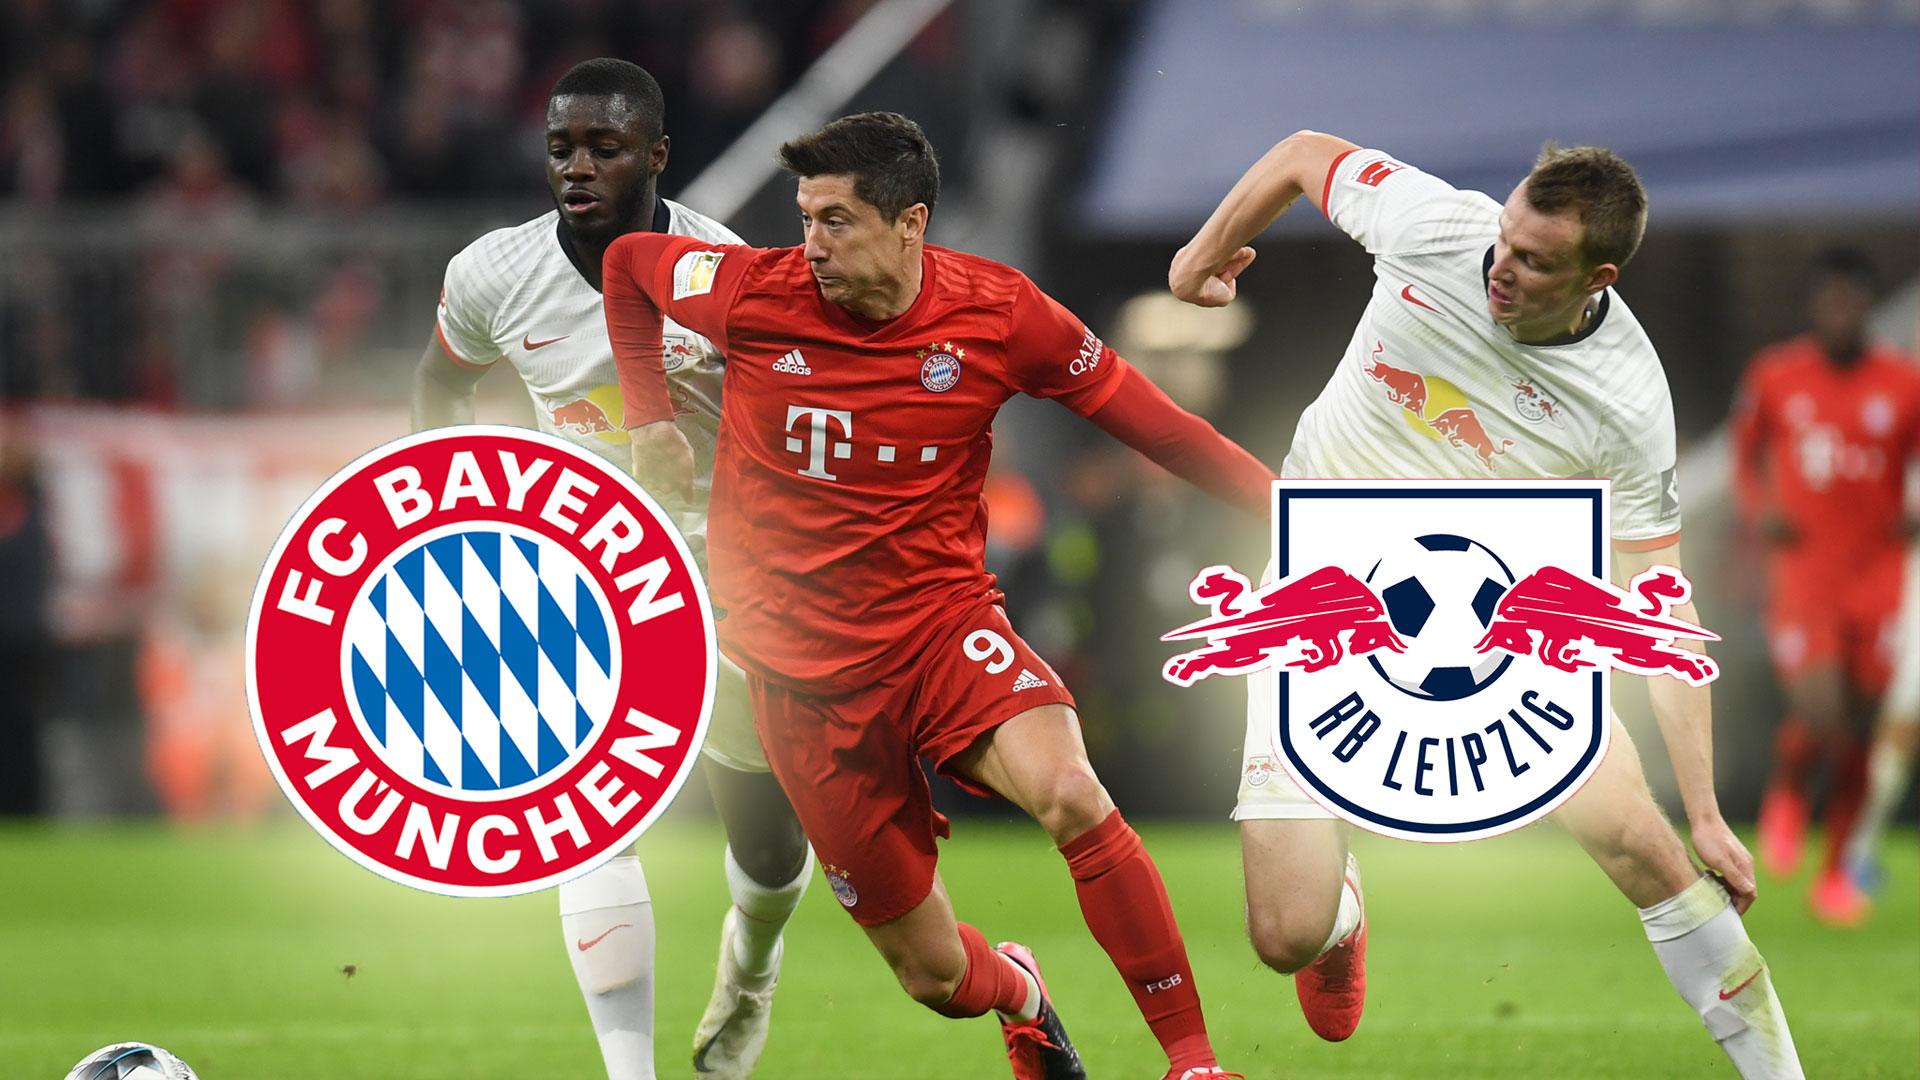 Wie Hat Bayern München Heute Gespielt